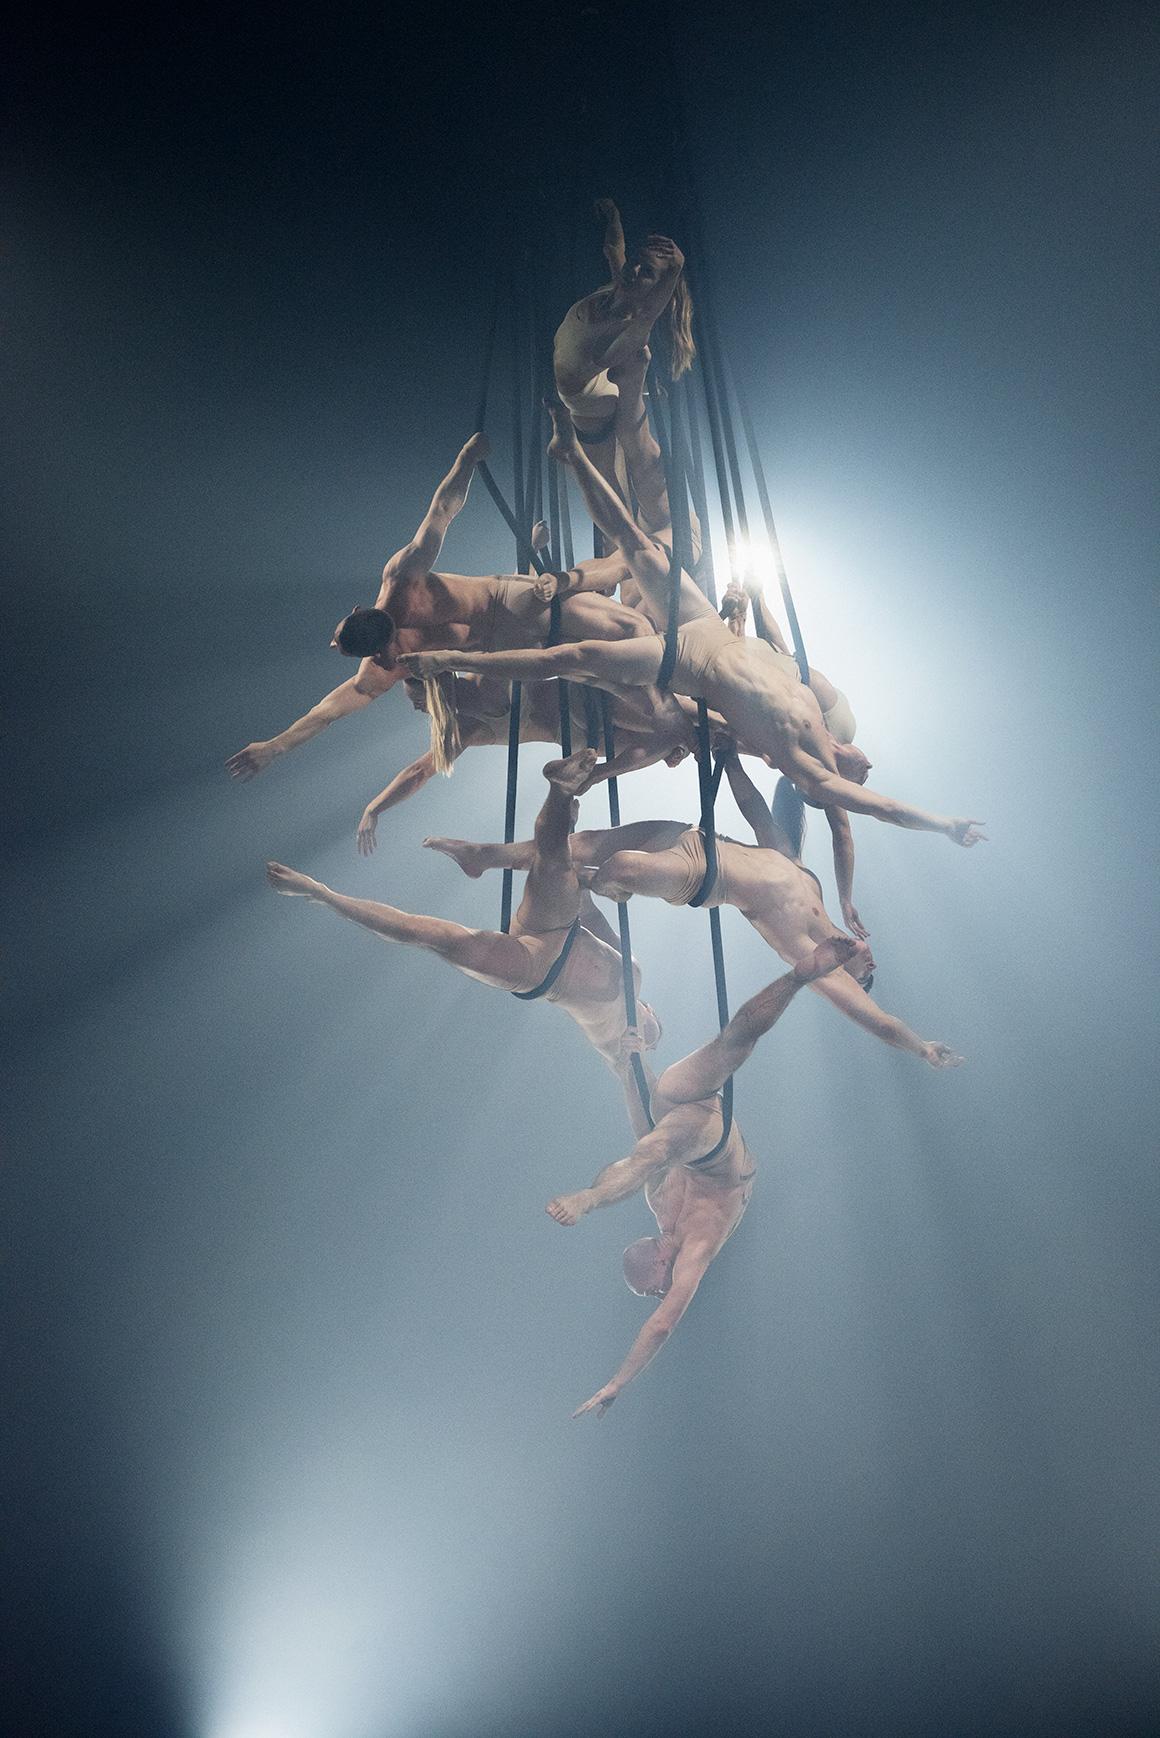 Körbeér a varázslat - októberben mutatja be cirque danse trilógiájának befejező részét a Recirquel